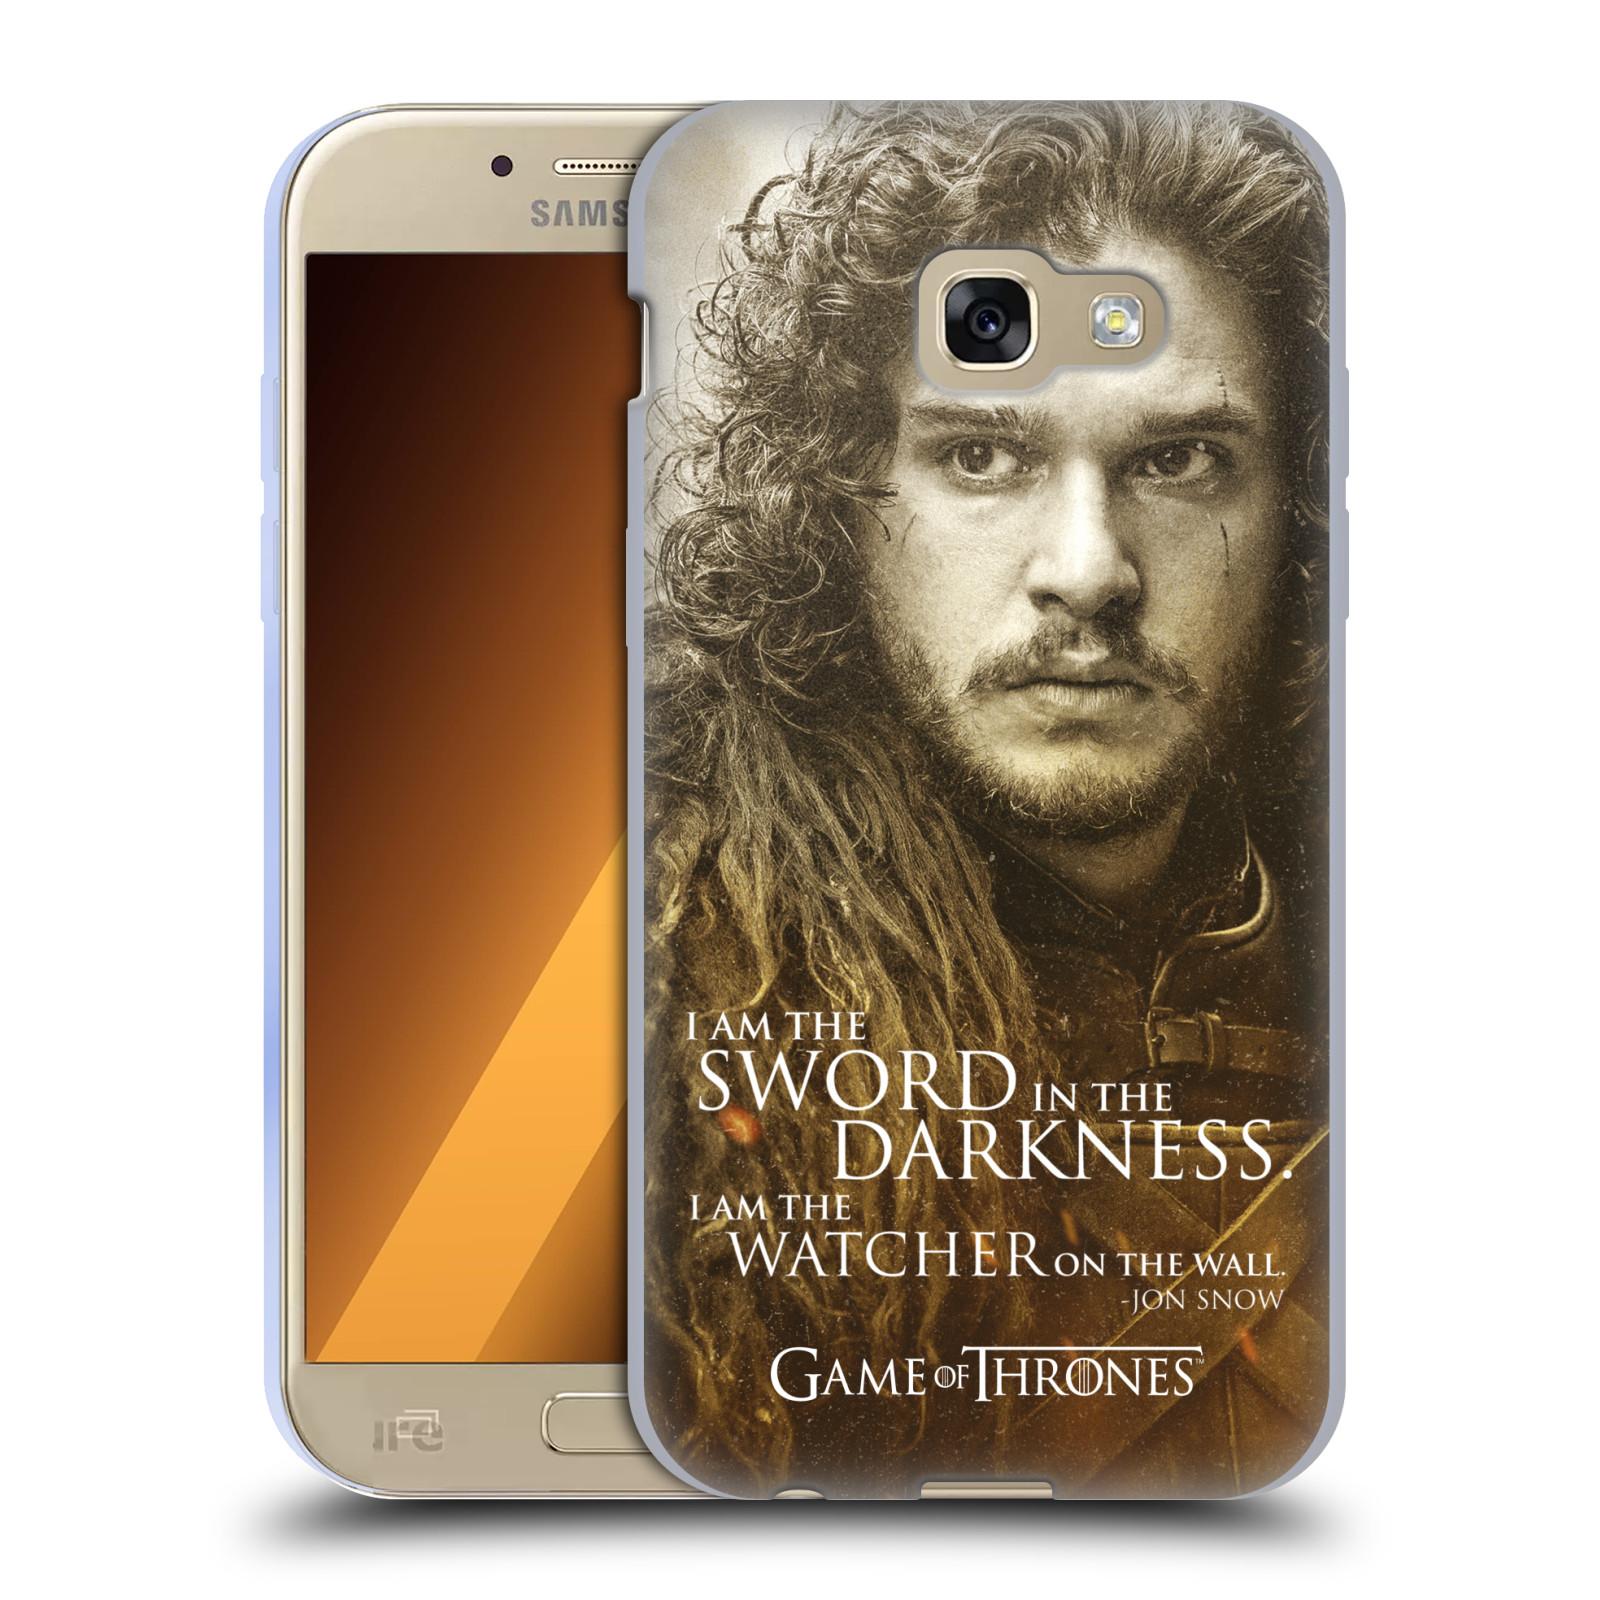 Silikonové pouzdro na mobil Samsung Galaxy A5 (2017) HEAD CASE Hra o trůny - Jon Snow (Silikonový kryt či obal na mobilní telefon s licencovaným motivem Hra o trůny - Game Of Thrones pro Samsung Galaxy A5 2017 SM-A520)